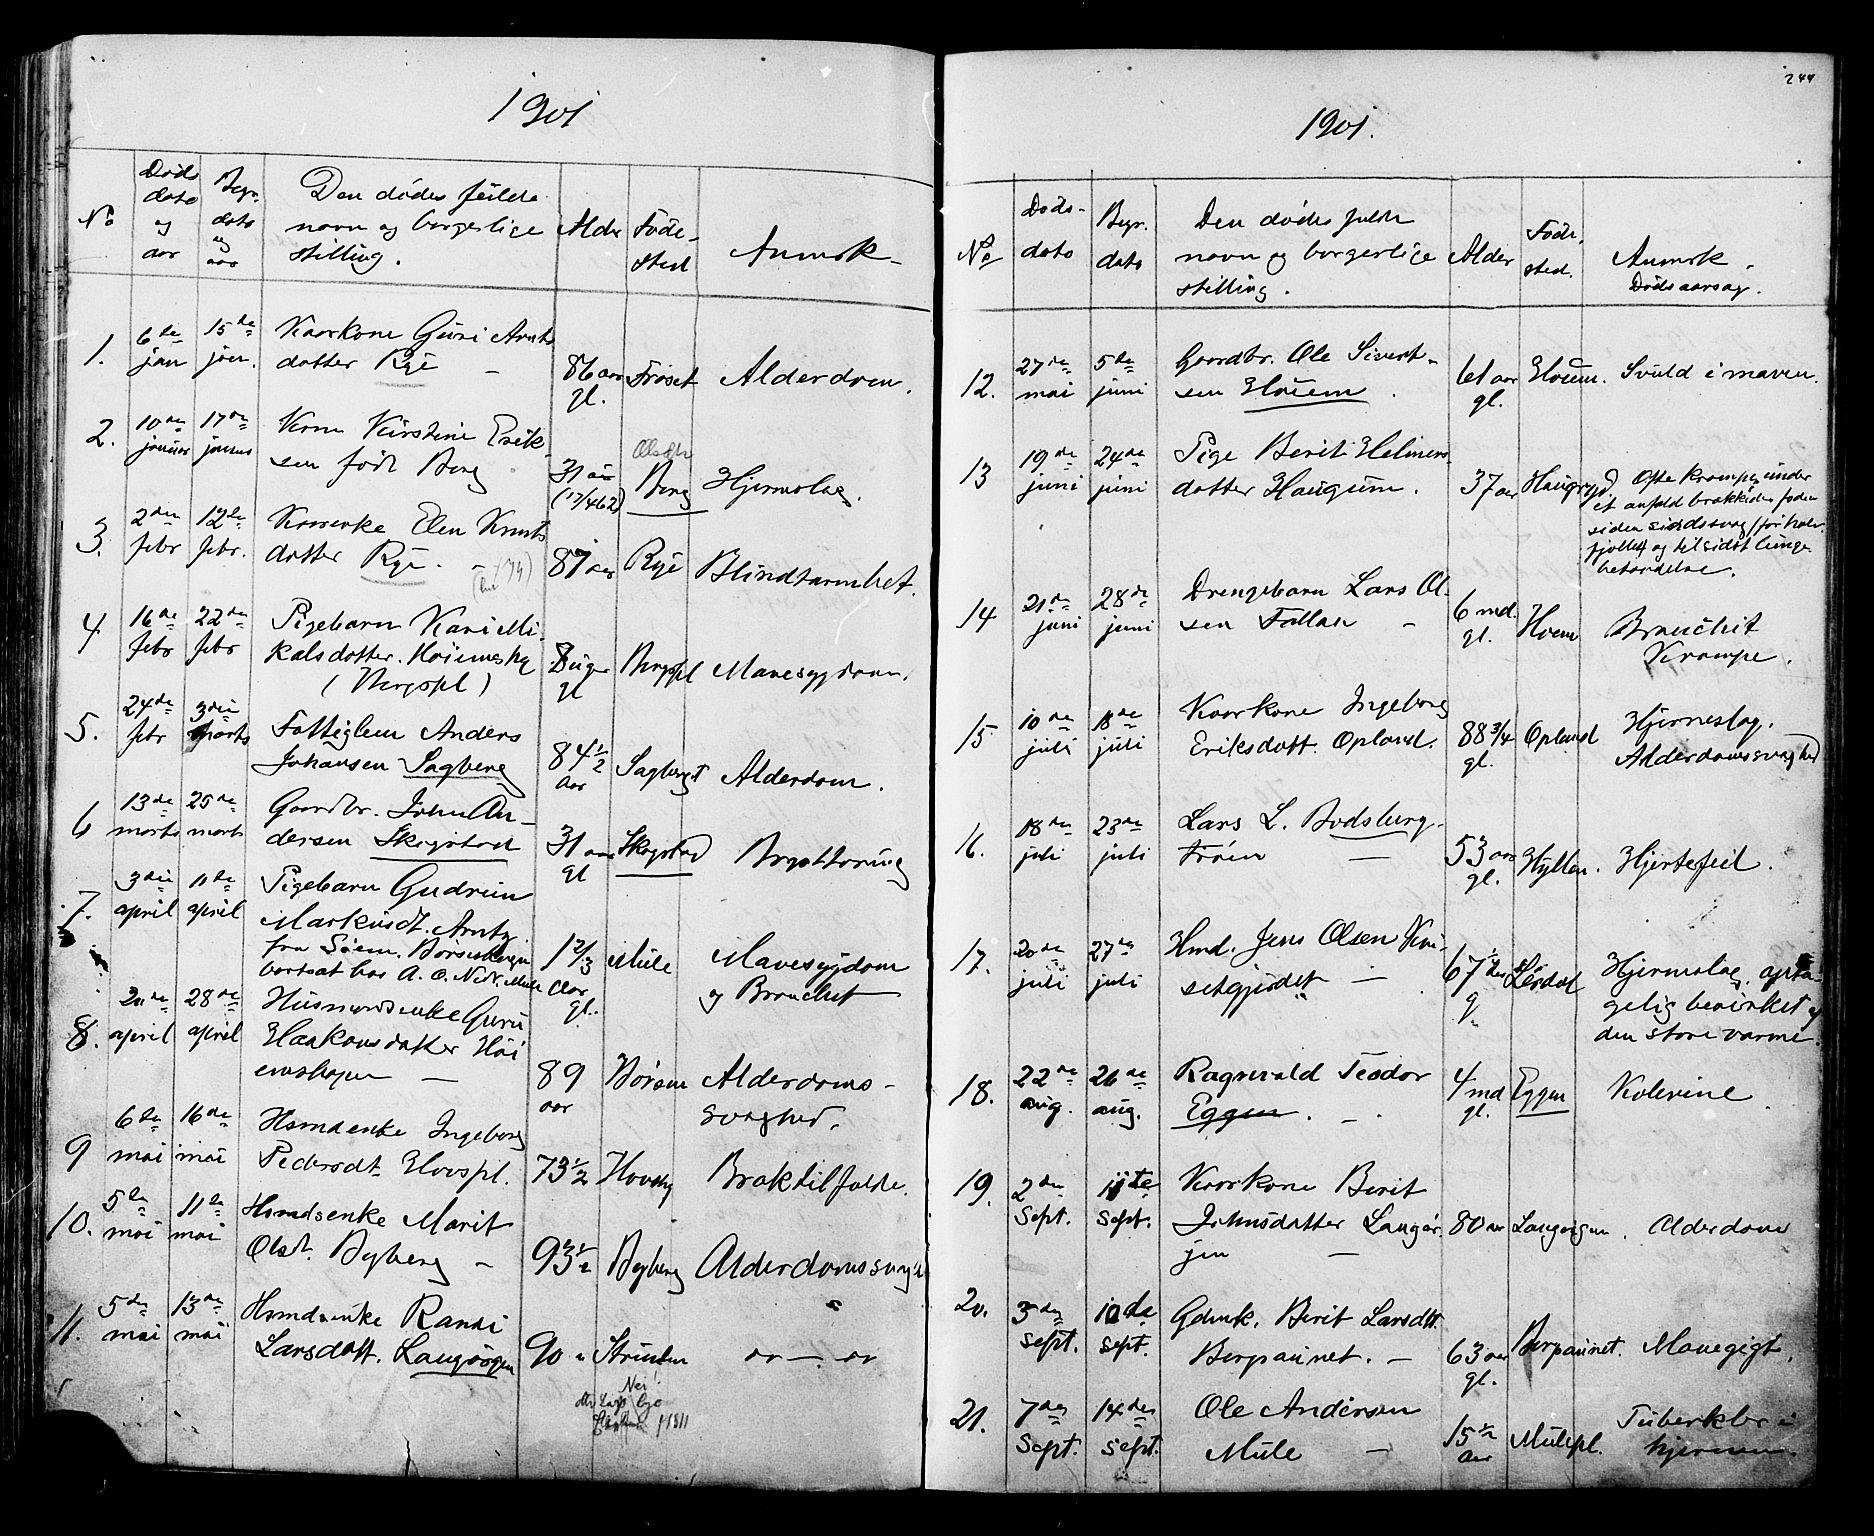 SAT, Ministerialprotokoller, klokkerbøker og fødselsregistre - Sør-Trøndelag, 612/L0387: Klokkerbok nr. 612C03, 1874-1908, s. 244